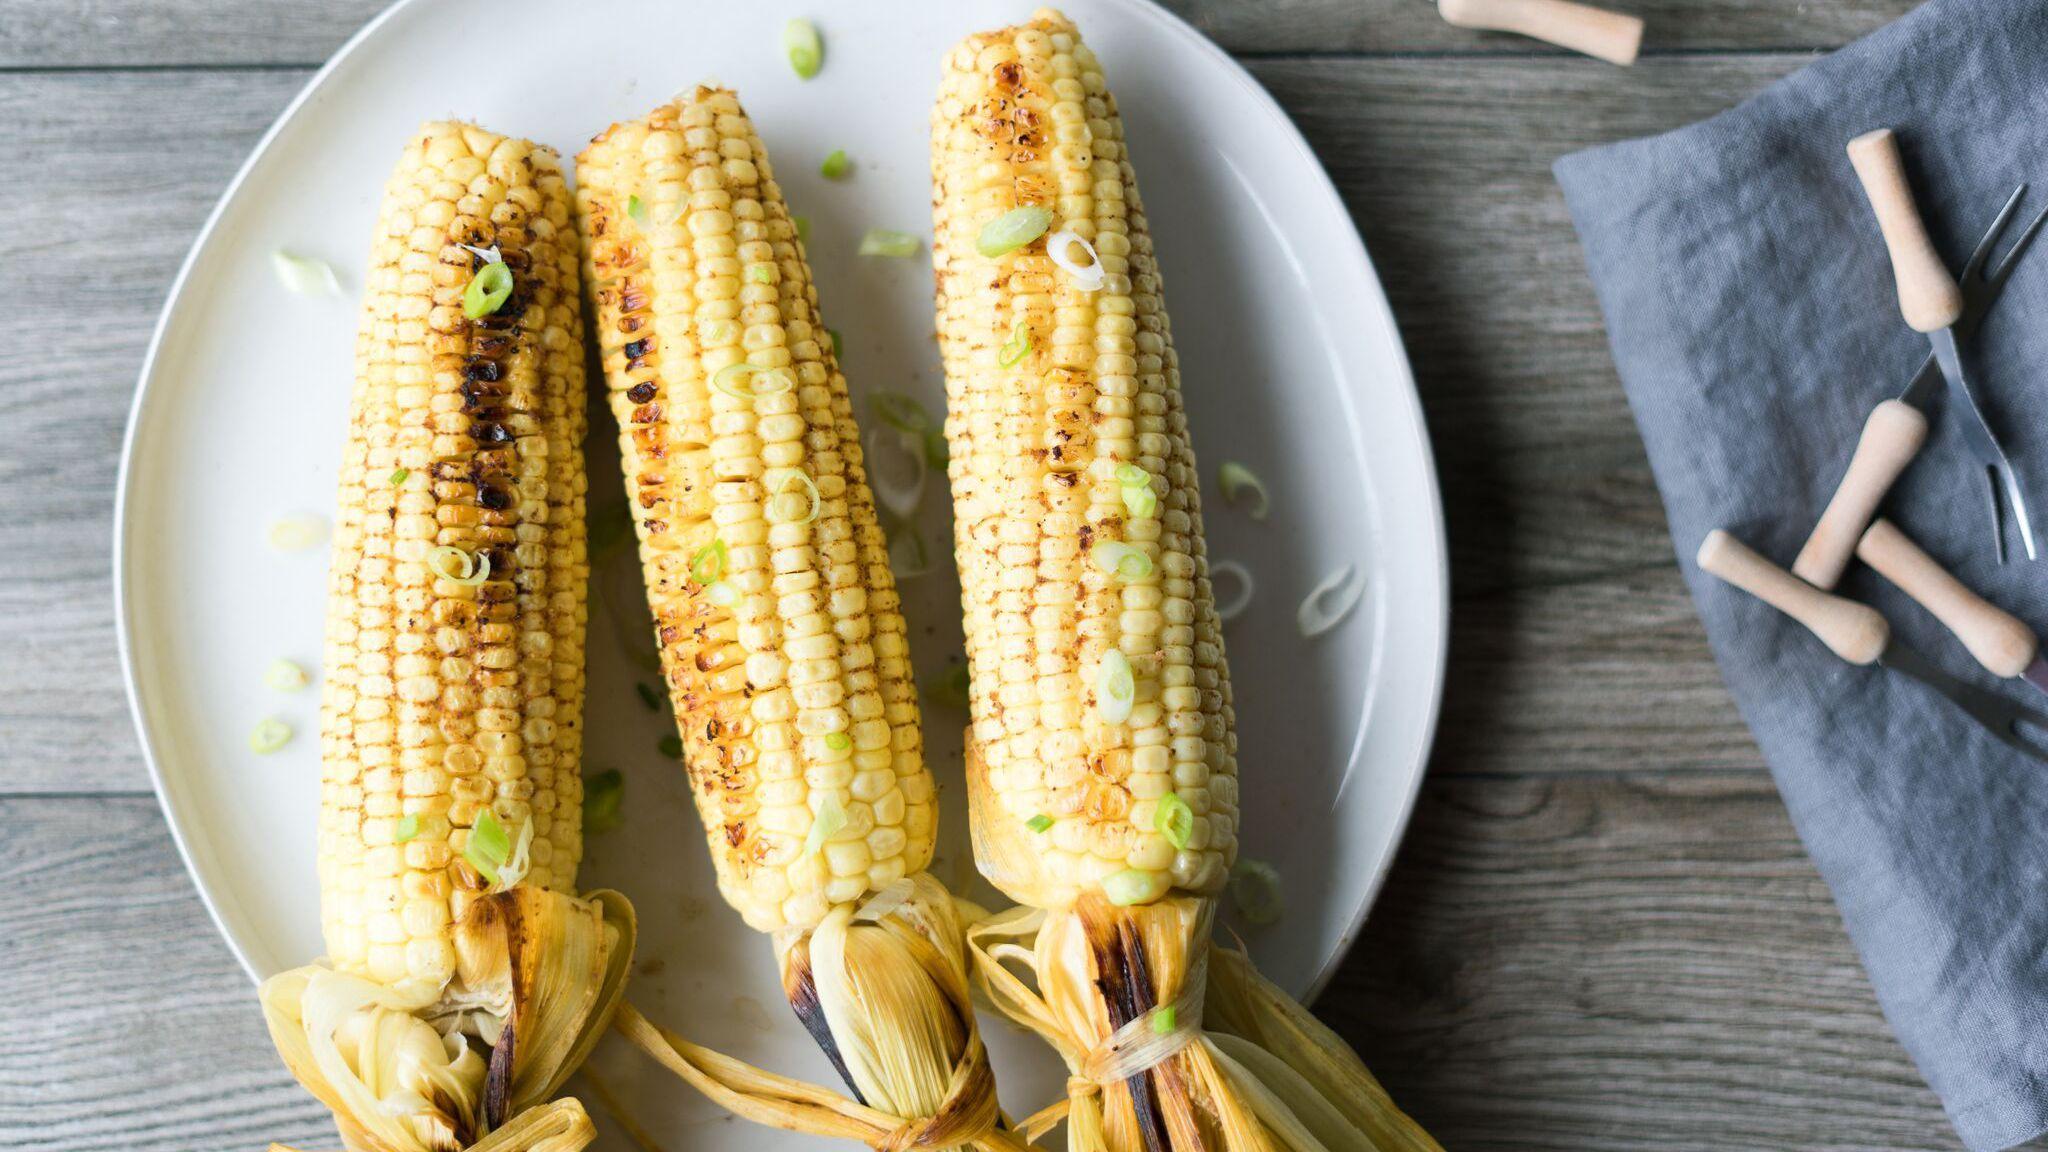 Corn download wallpaper image